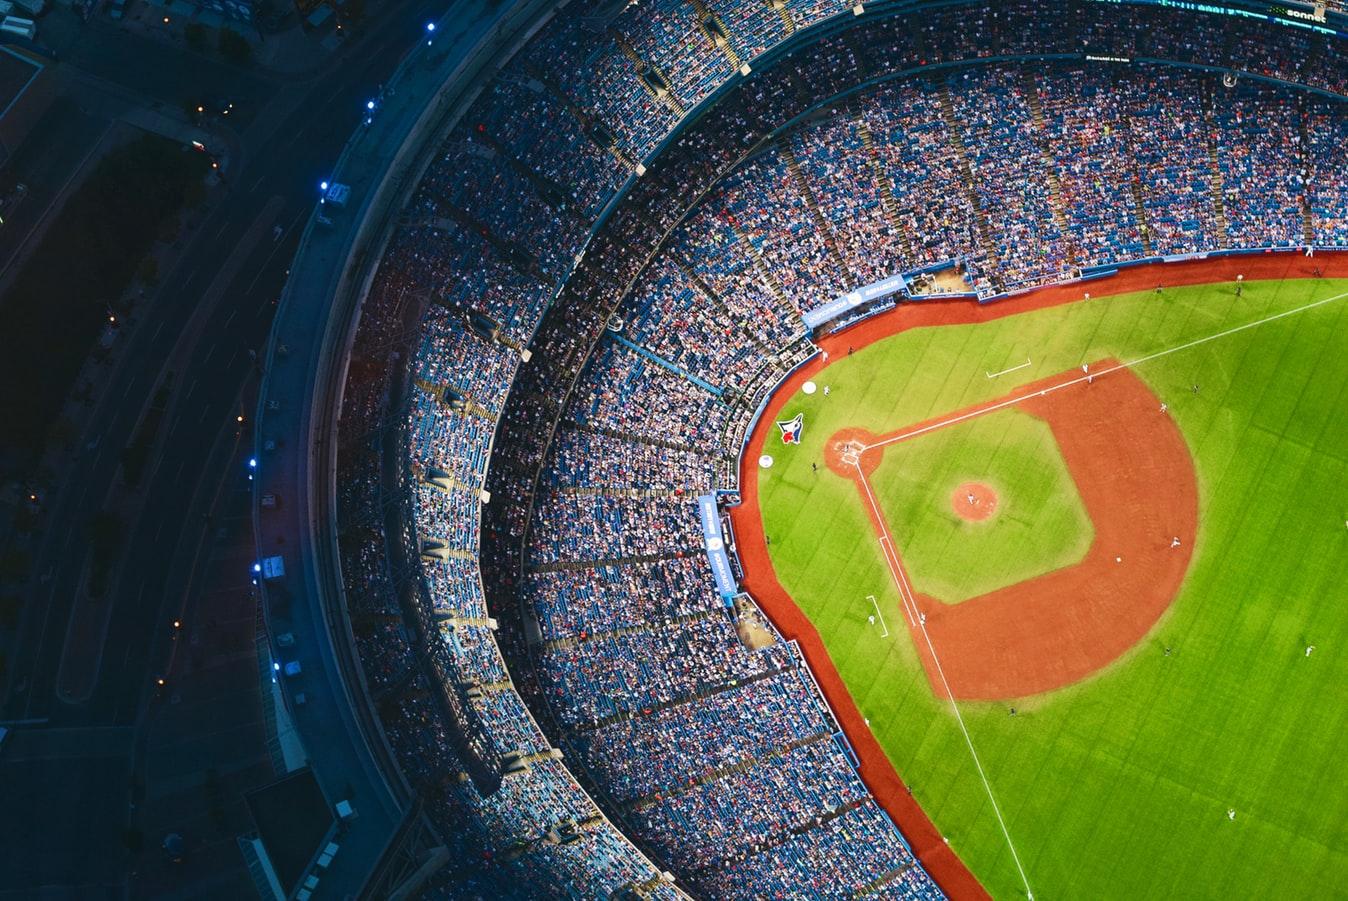 野球の技術向上関する知識をアウトローな視点で解説 少年野球 中学生 高校生 草野球で上達したい人必見